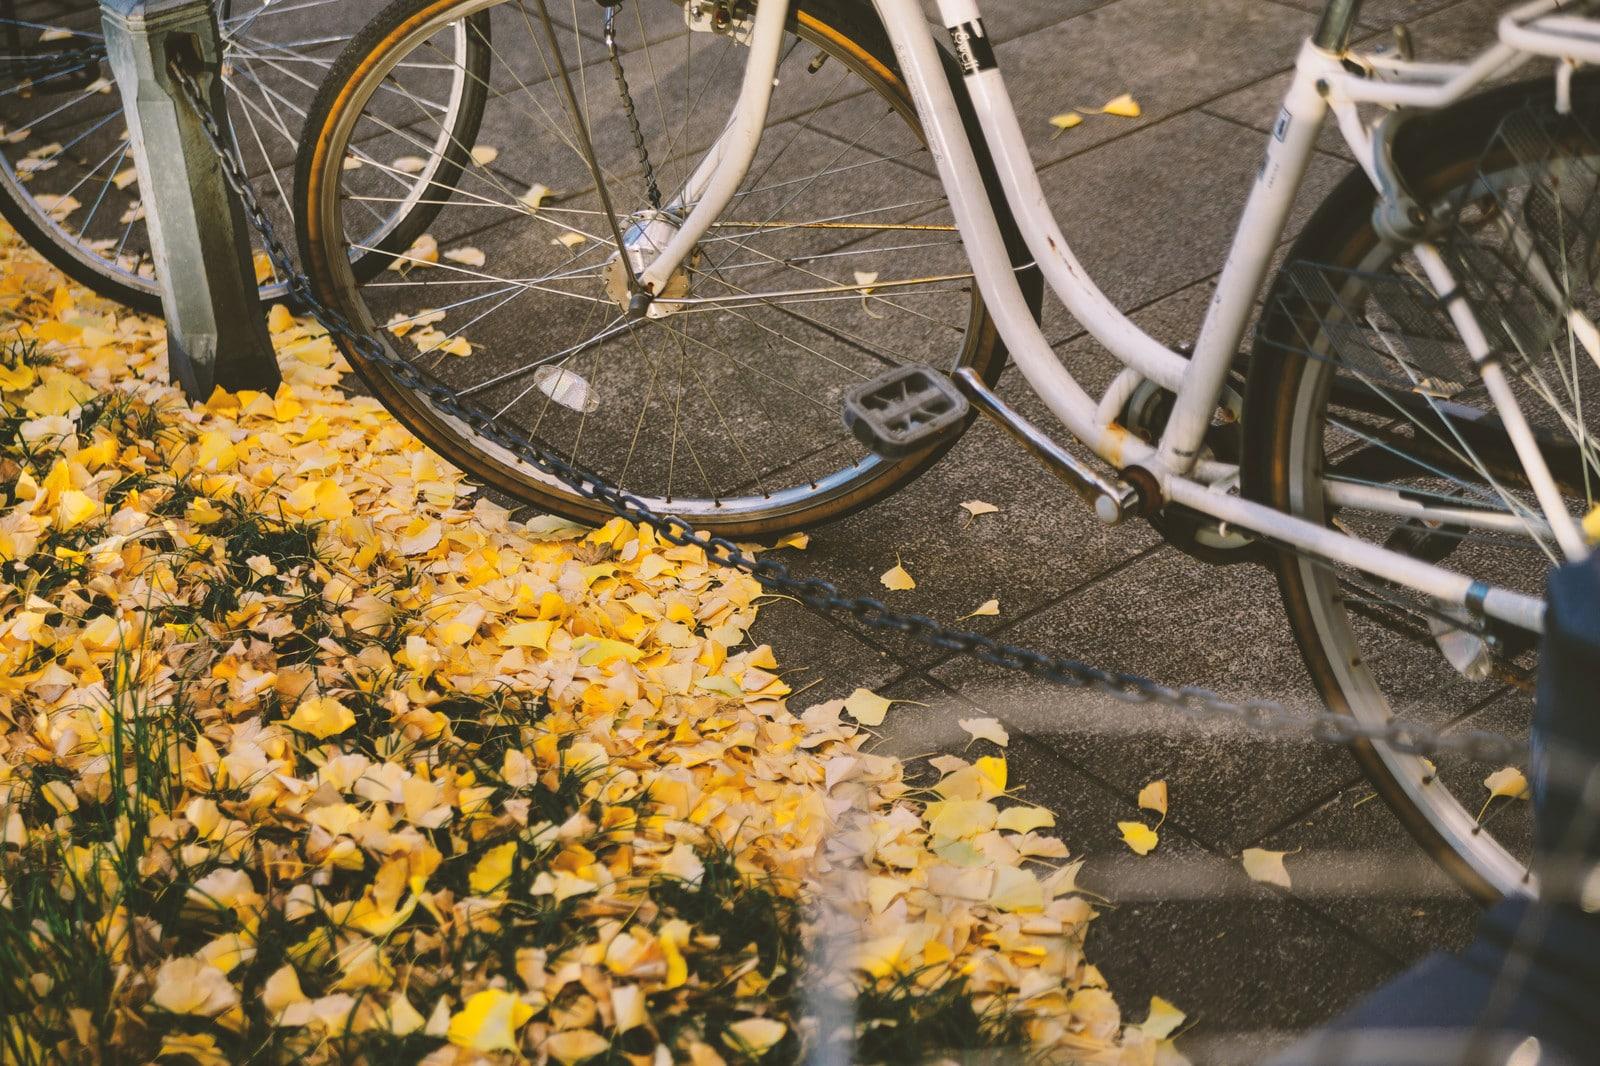 舗道の自転車